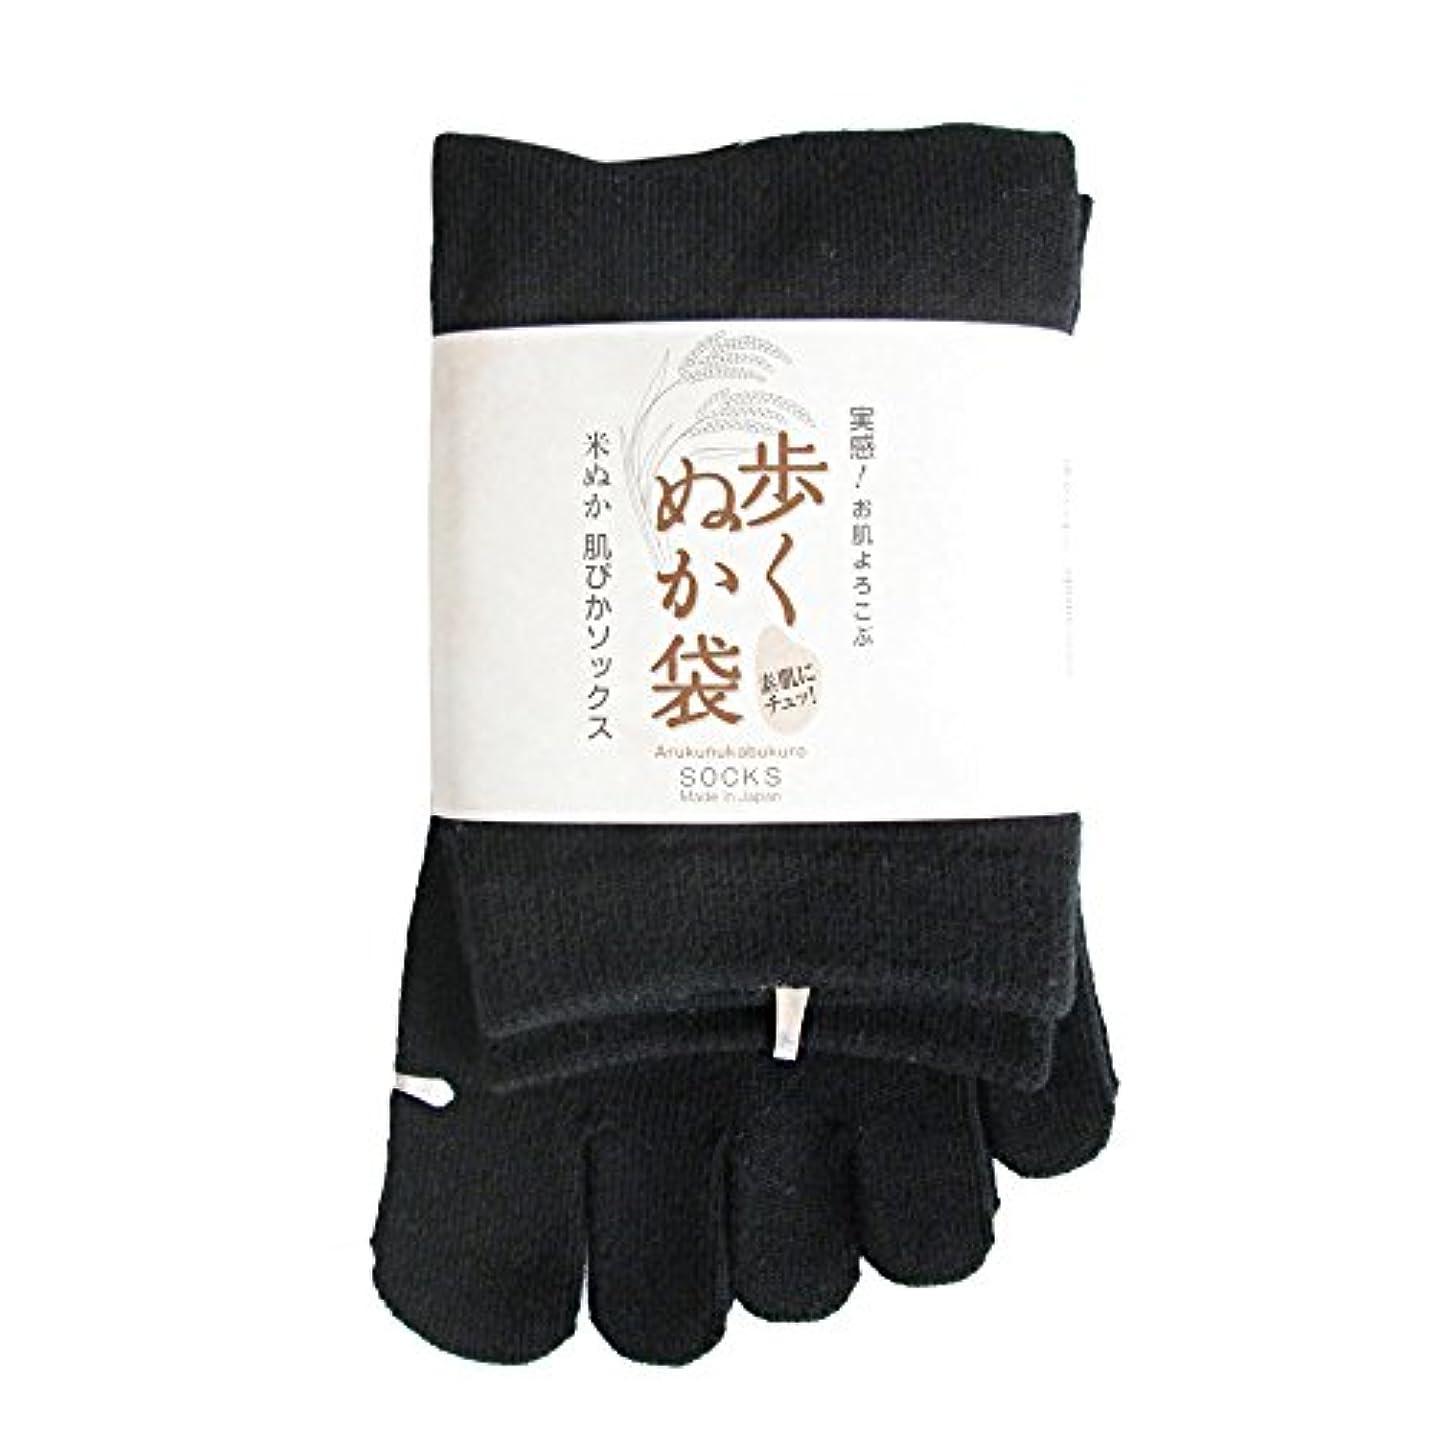 歩くぬか袋 米ぬかシリコン五本指 23-25cm ブラック